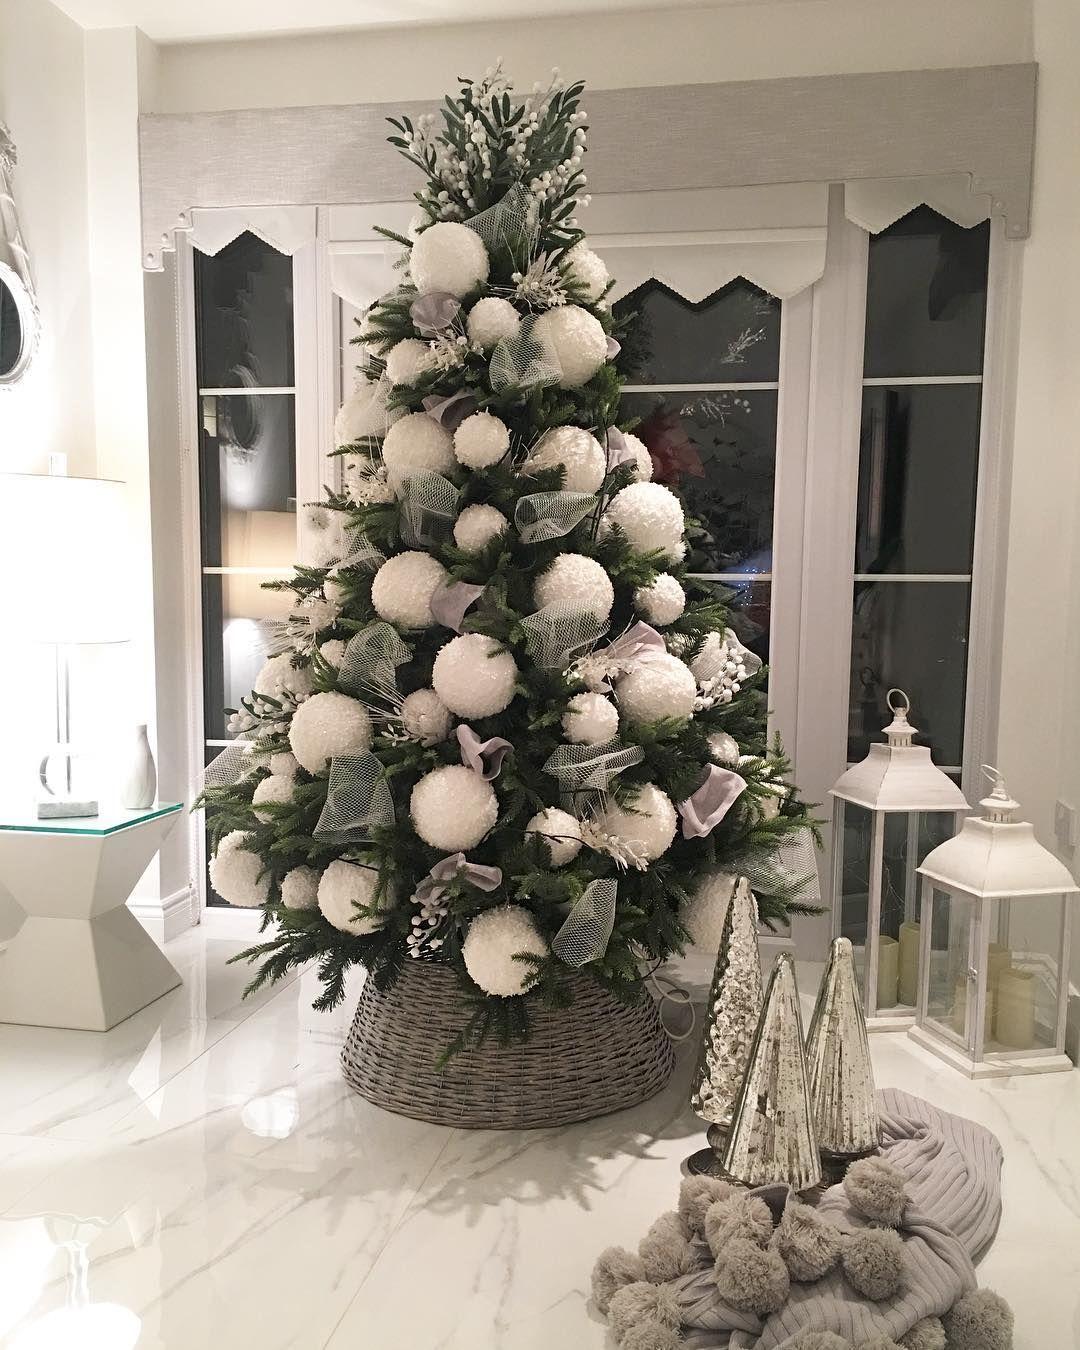 🎄 Sapin de noël décoré avec de grosses boules blanches